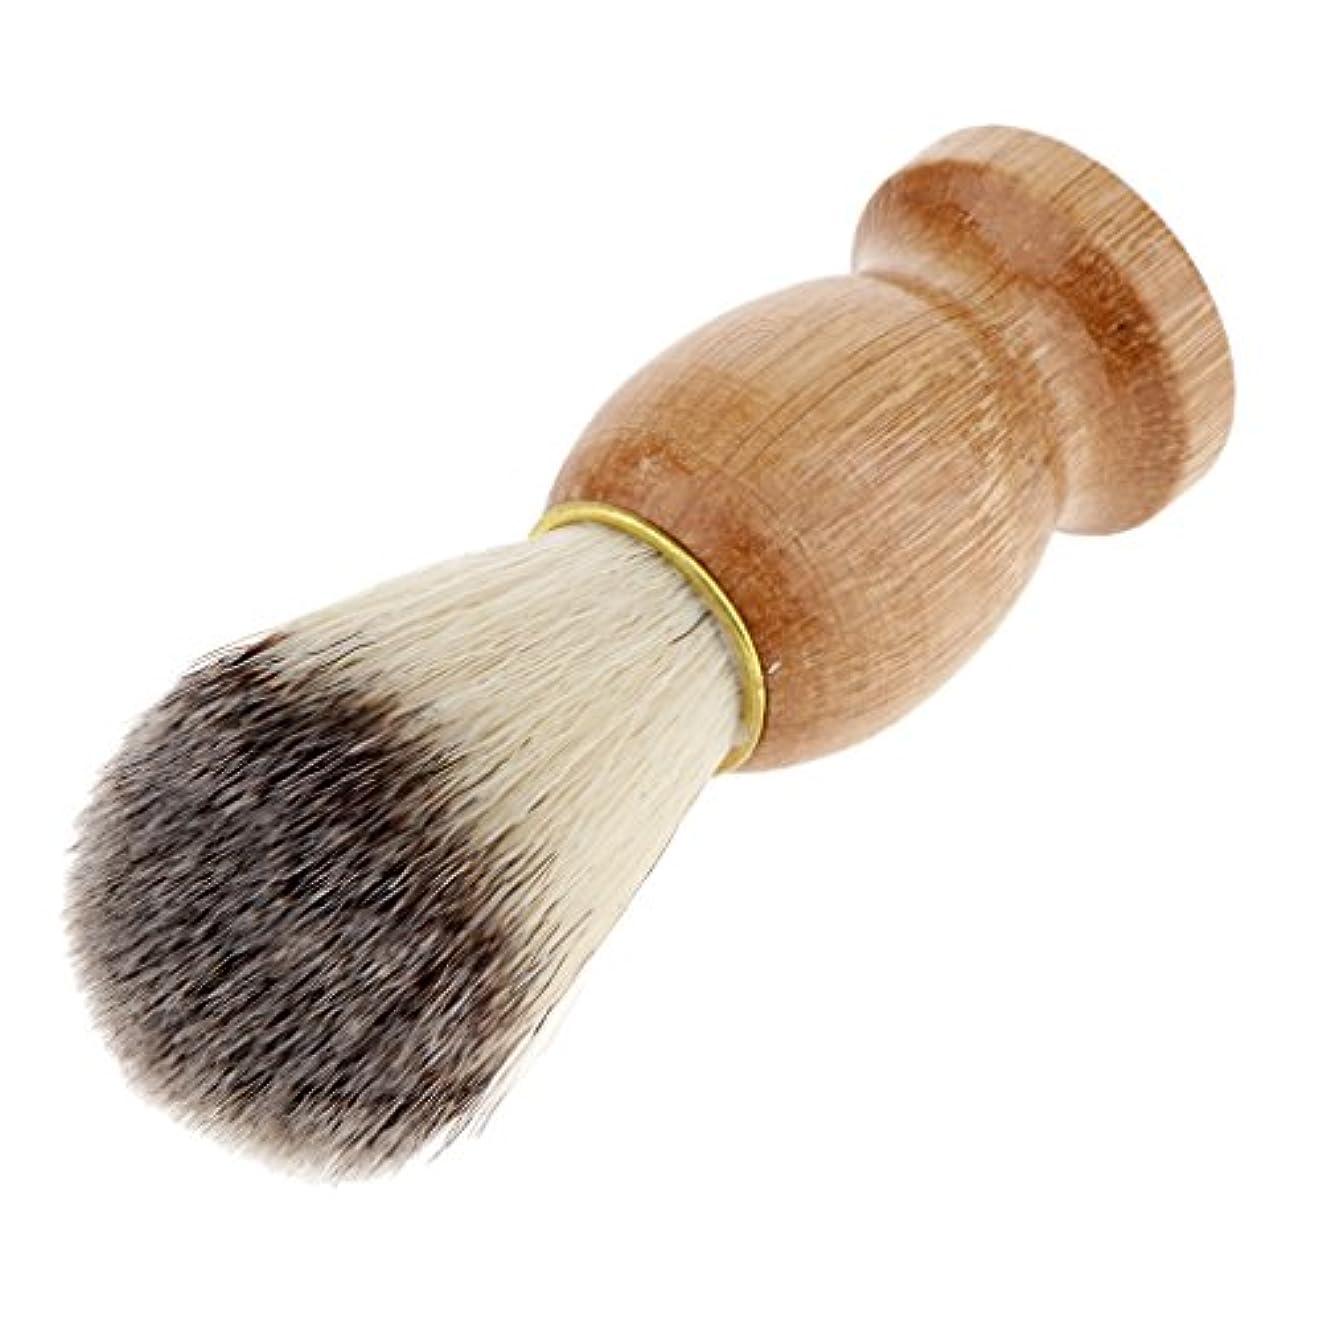 エンゲージメント有罪冷えるBlesiya シェービングブラシ コスメブラシ 木製ハンドル メンズ ひげ剃りブラシ プレゼント